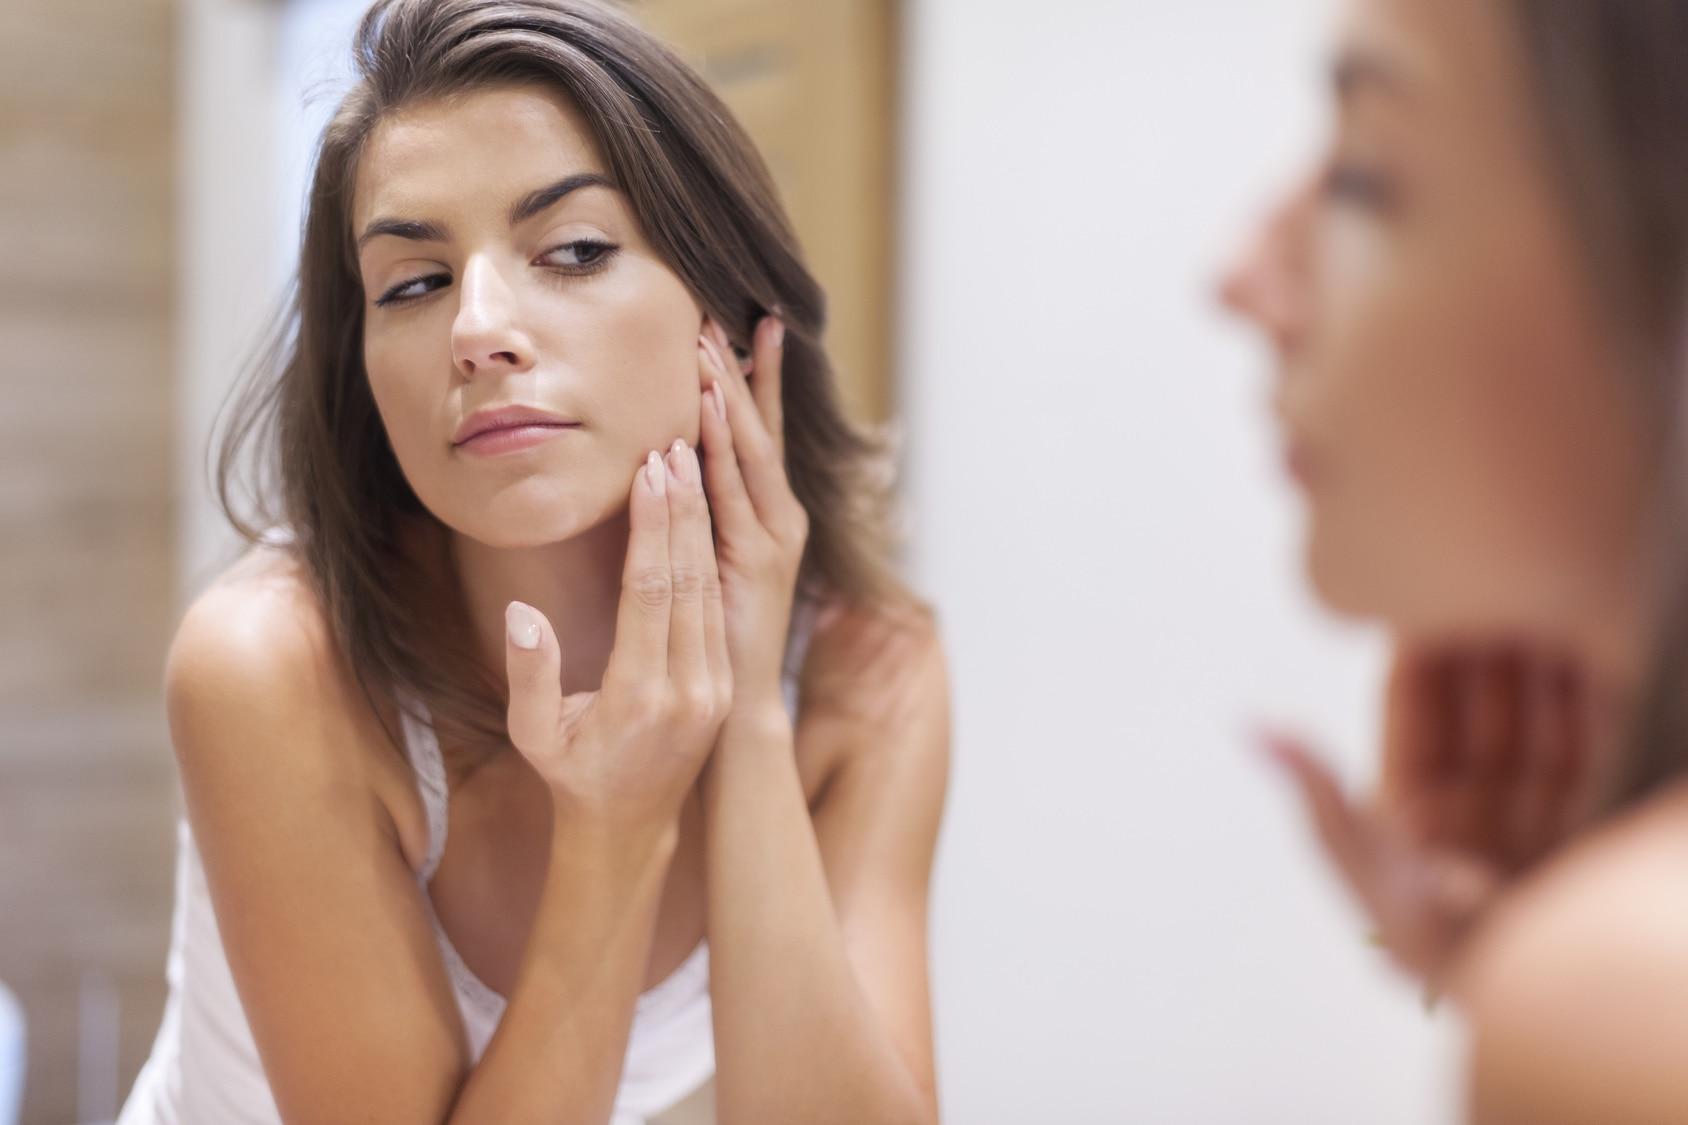 Eczéma Dermatite atopique sondage